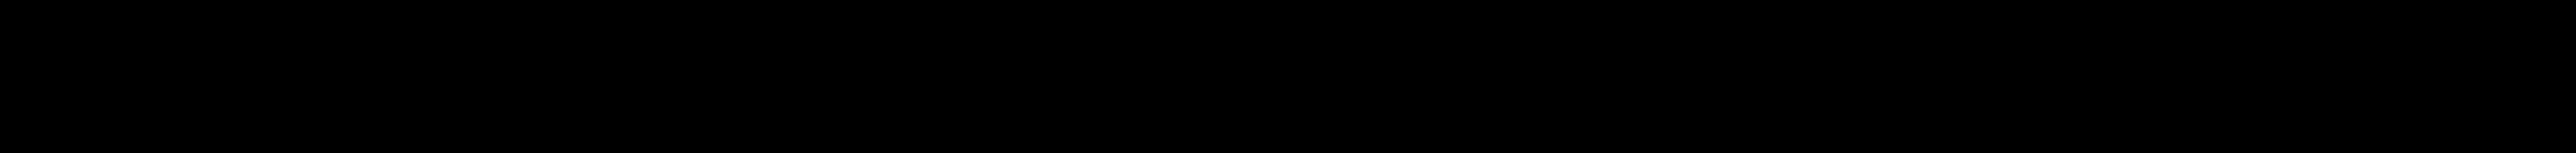 WDF * IDF Formel